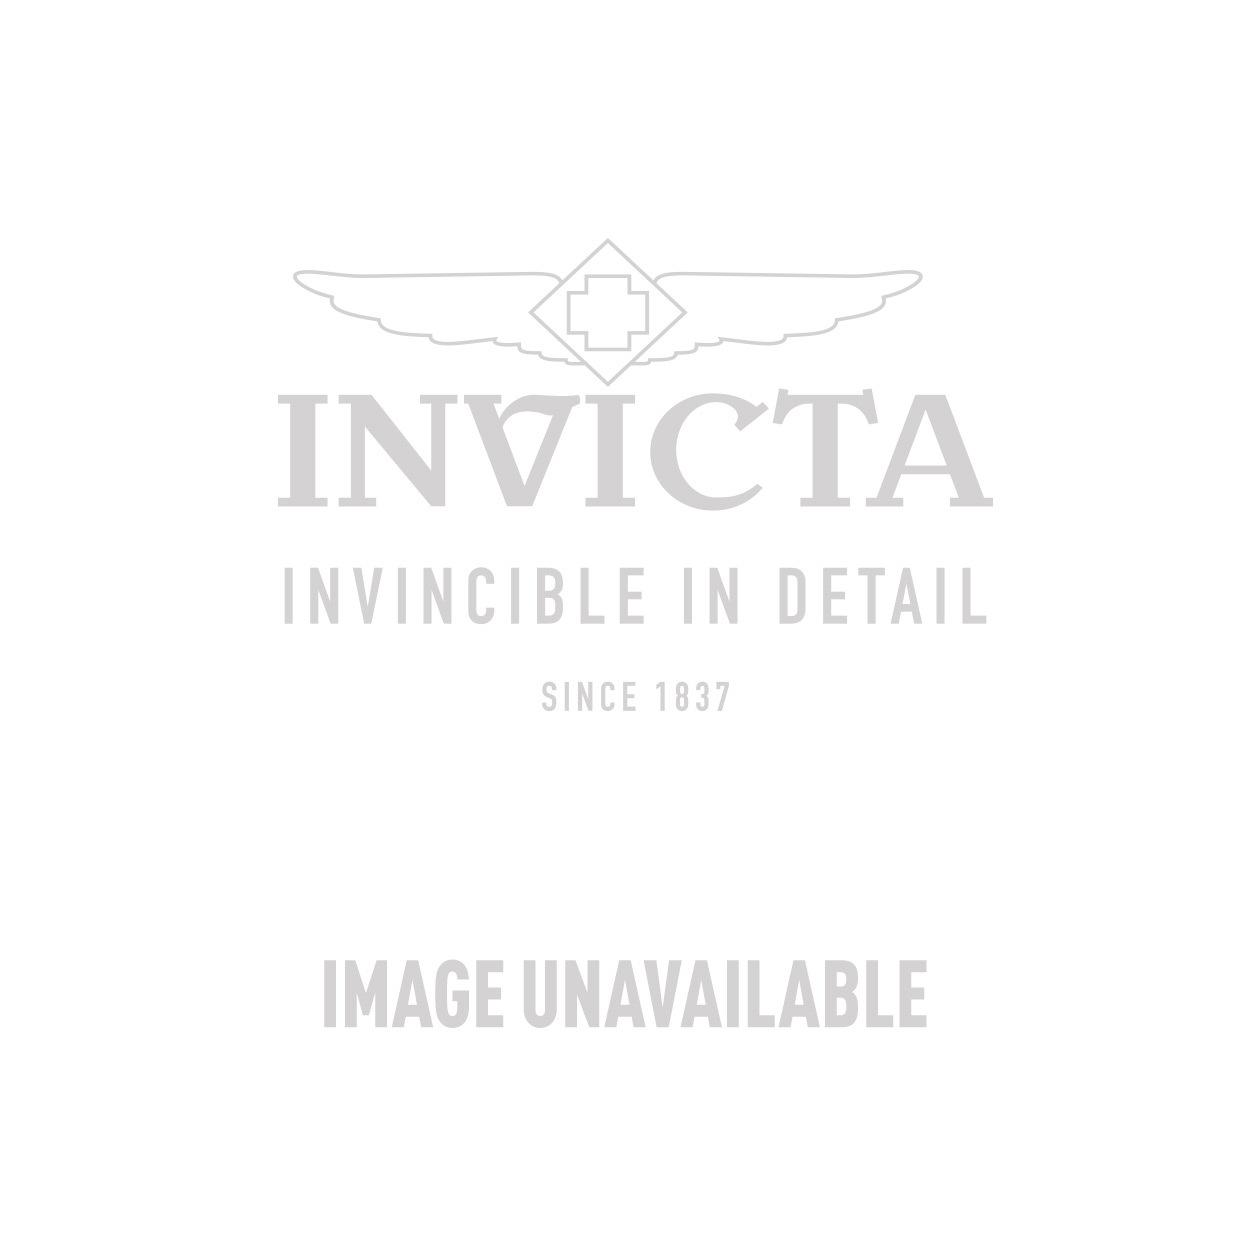 Invicta Model 25015